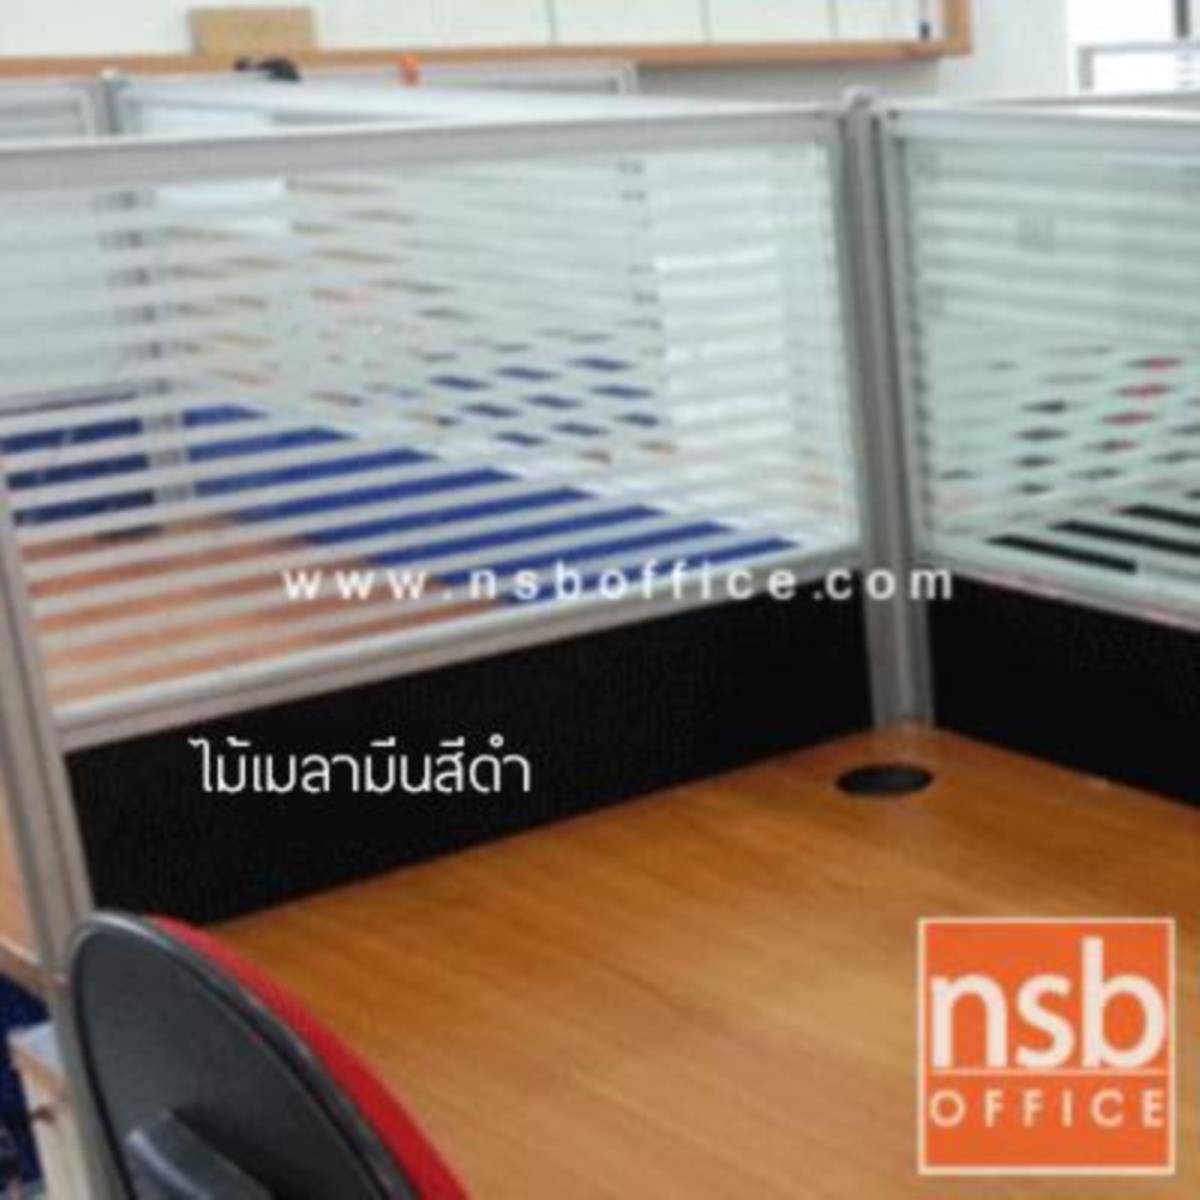 ชุดโต๊ะทำงานกลุ่มตัวแอล 3 ที่นั่ง   ขนาดรวม 306W*276D cm. พร้อมพาร์ทิชั่นครึ่งกระจกขัดลาย